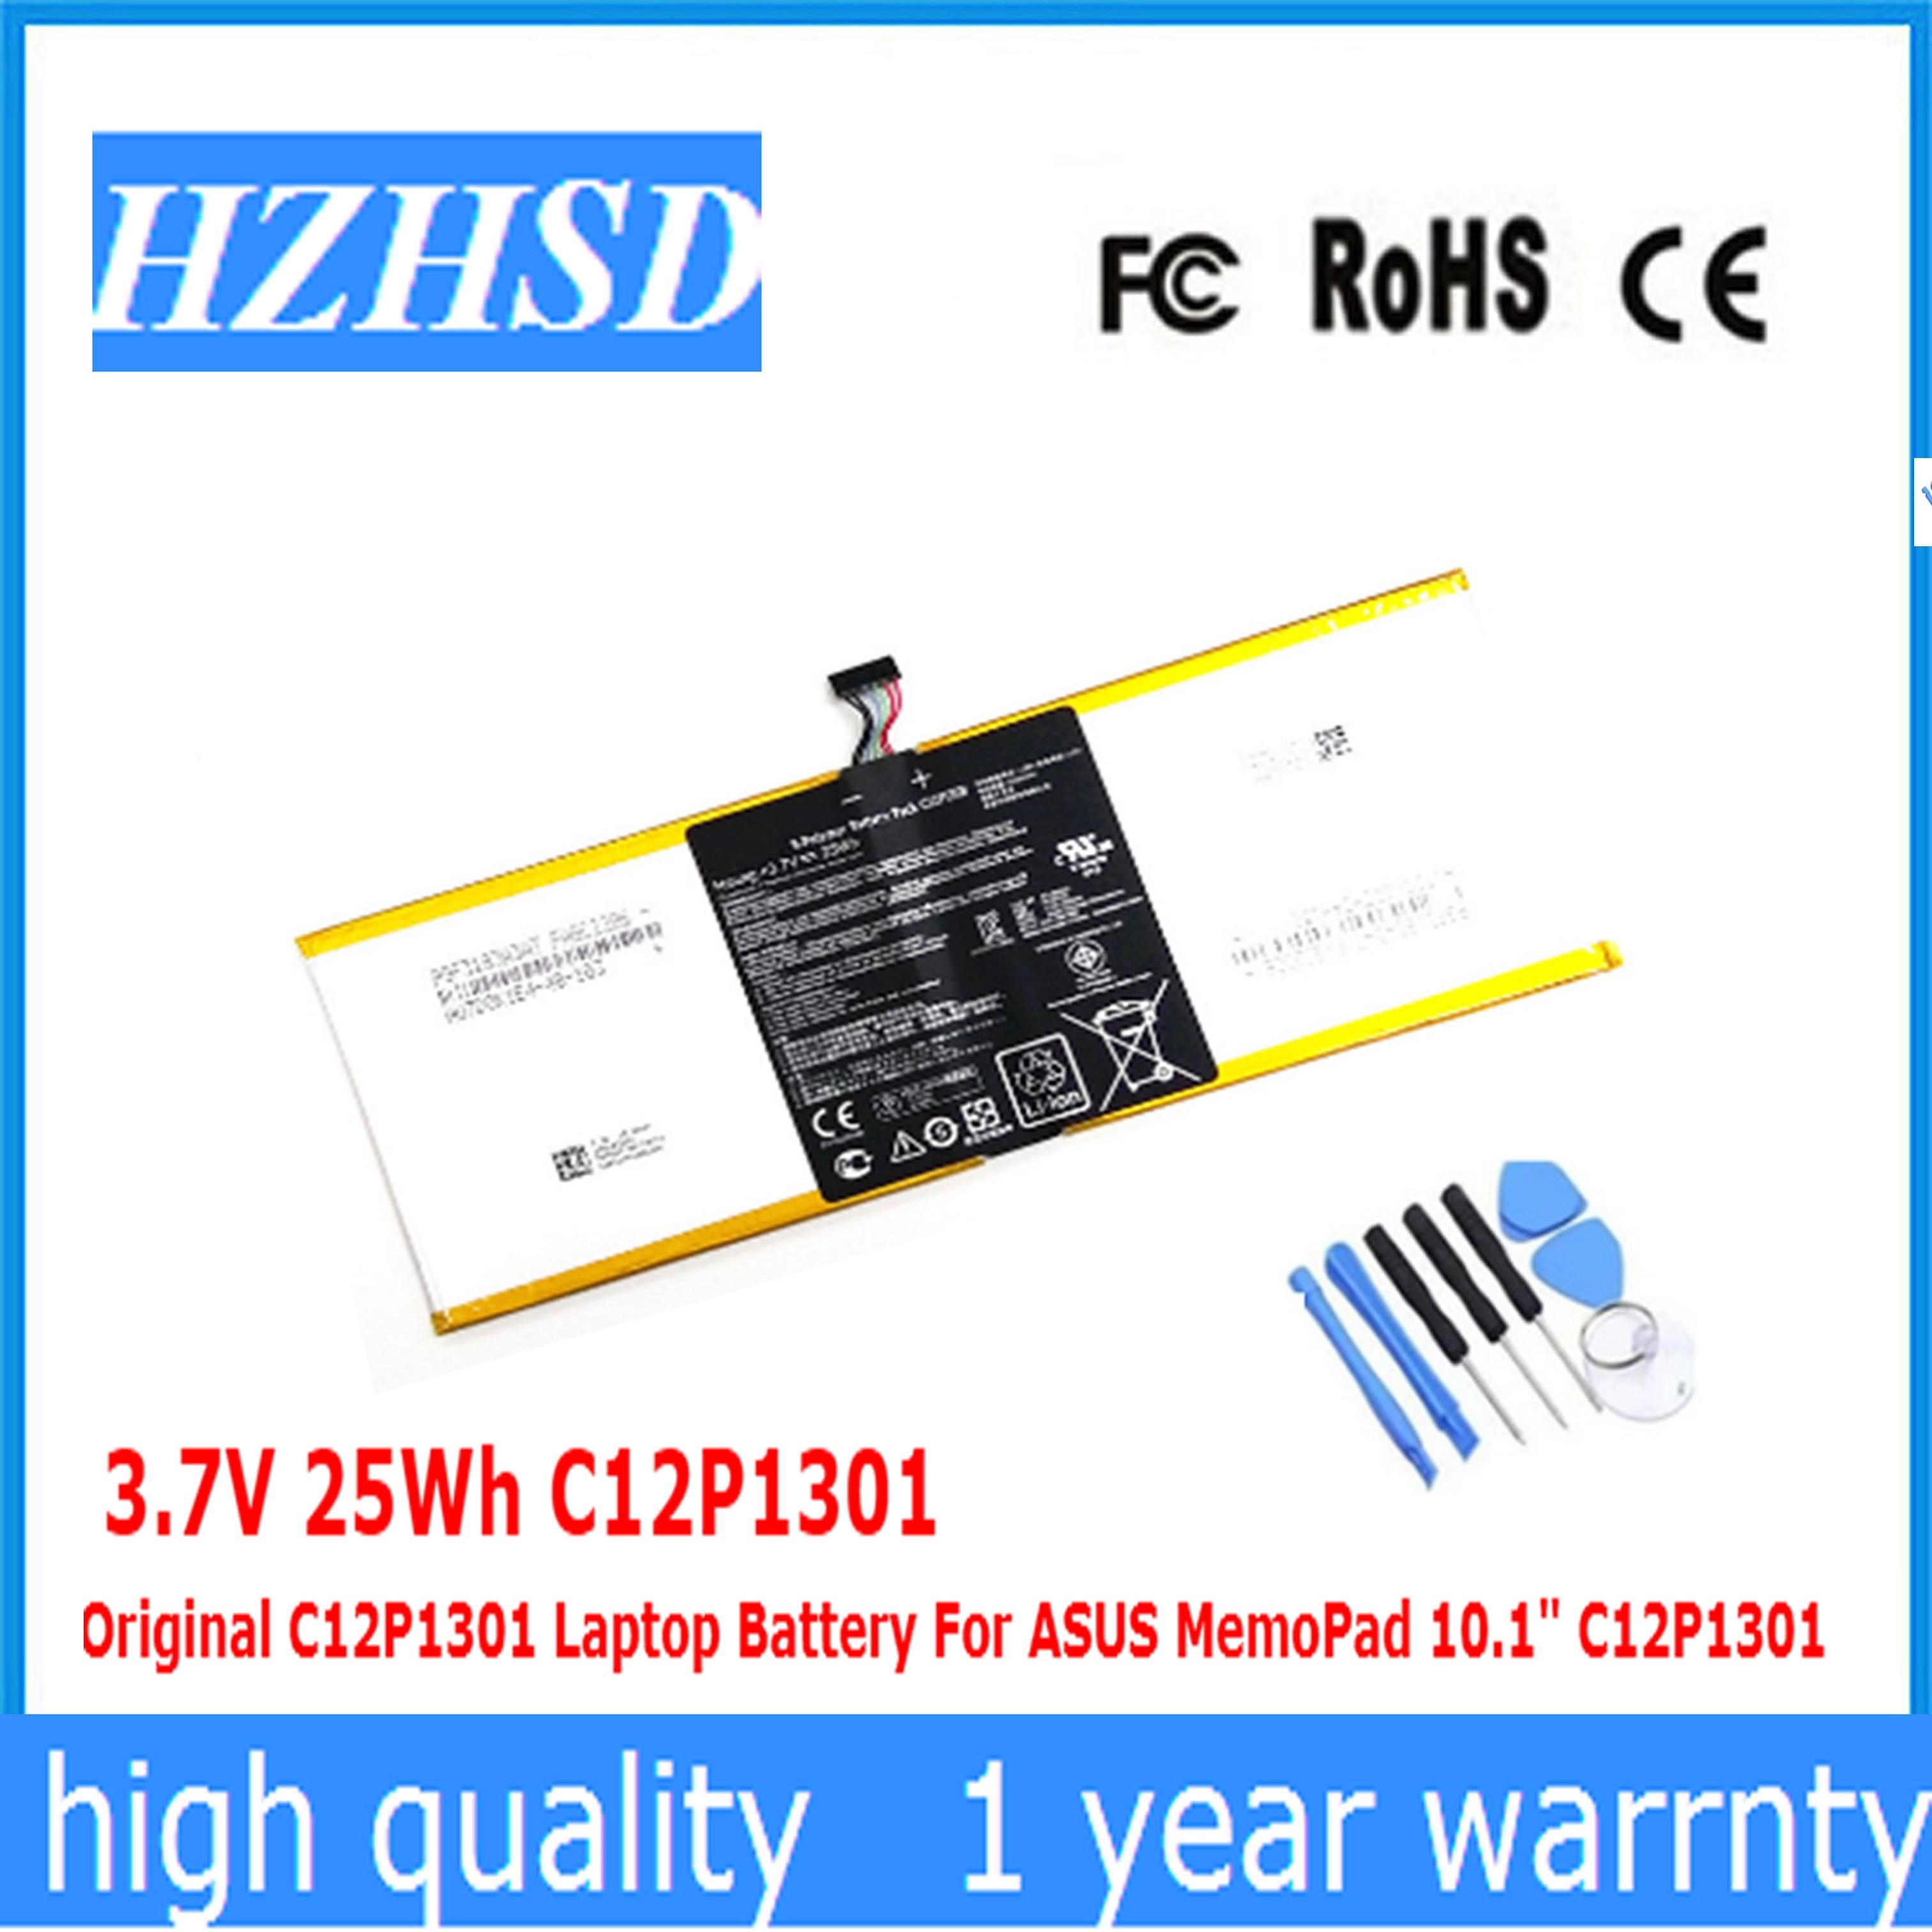 """3.7V 25Wh C12P1301 Original C12P1301 Laptop Battery For ASUS MemoPad 10.1"""" C12P1301"""